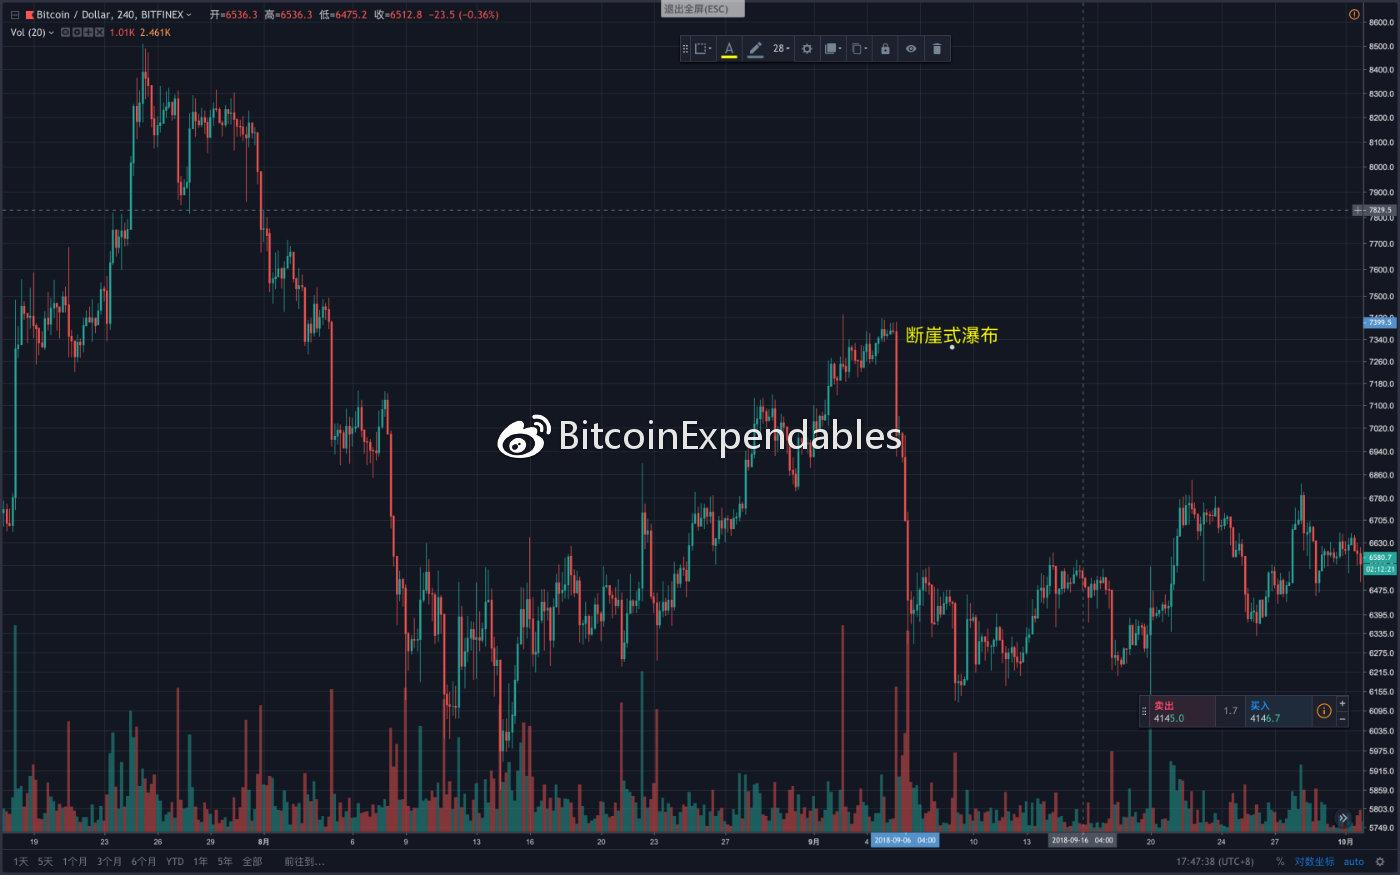 BTCUSDSHORTS(Bitfinex)变化趋势与BTCUSD价格趋势变化历史图形复盘_aicoin_图7